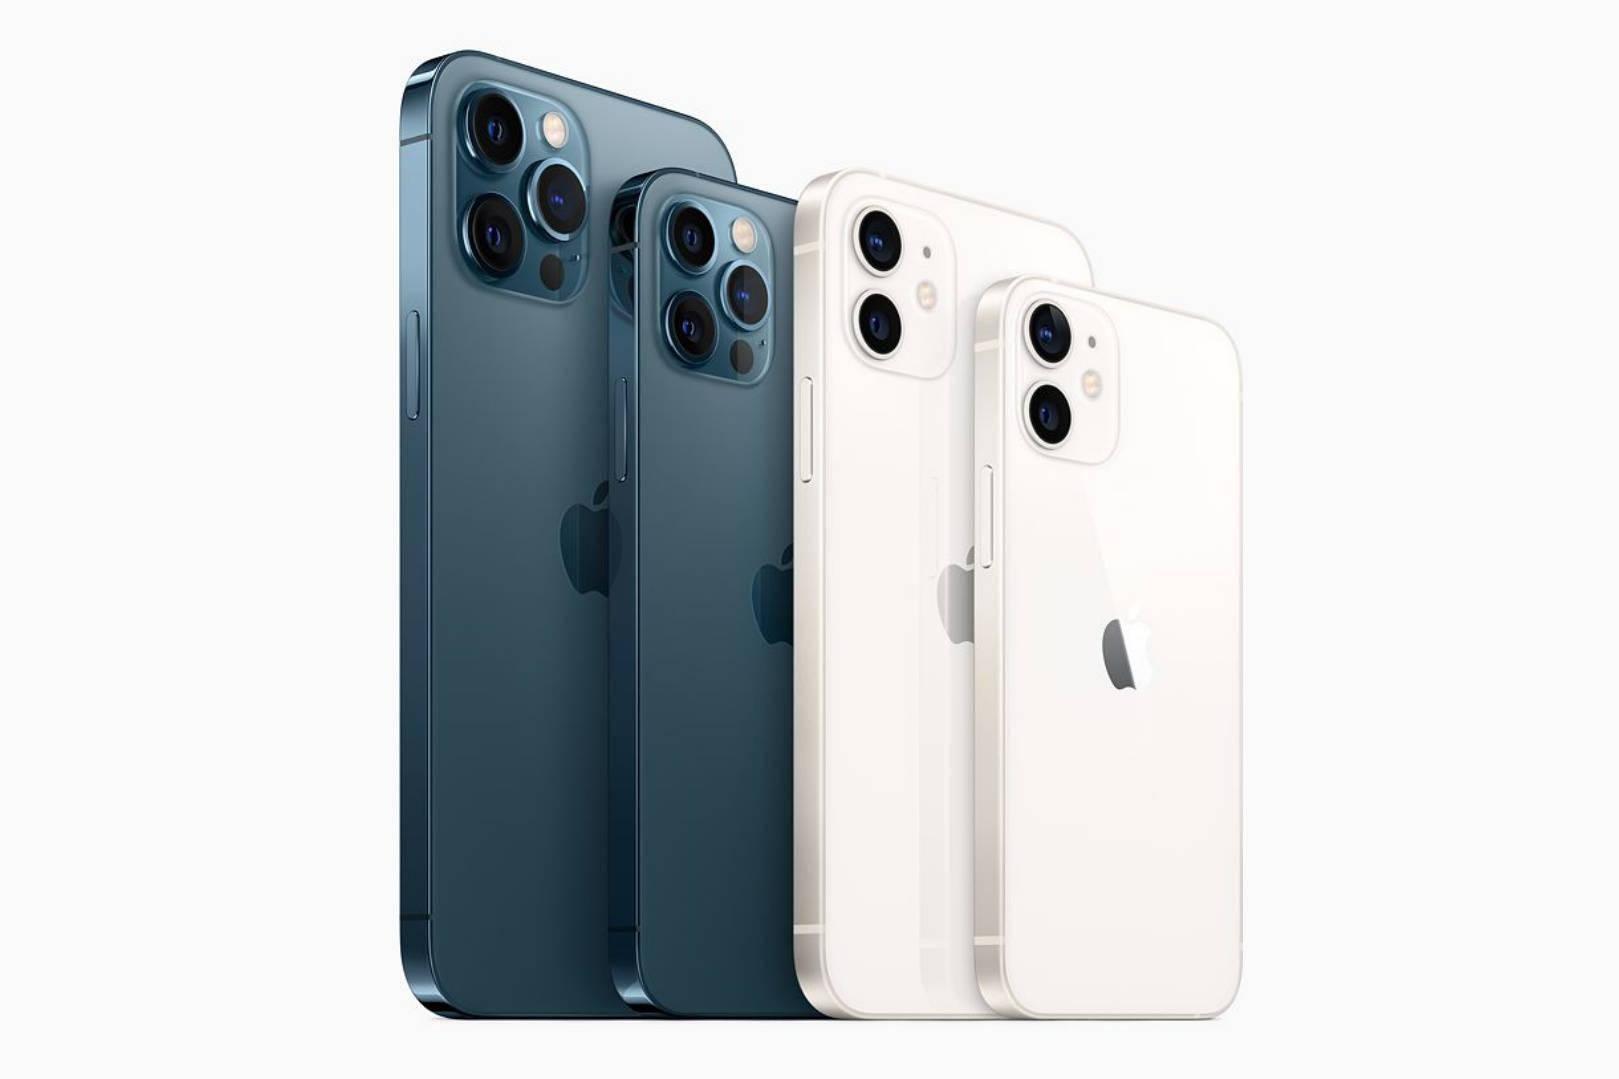 iPhone 12 / iPhone 12 Pro 的预购表现优于 iPhone 11 系列